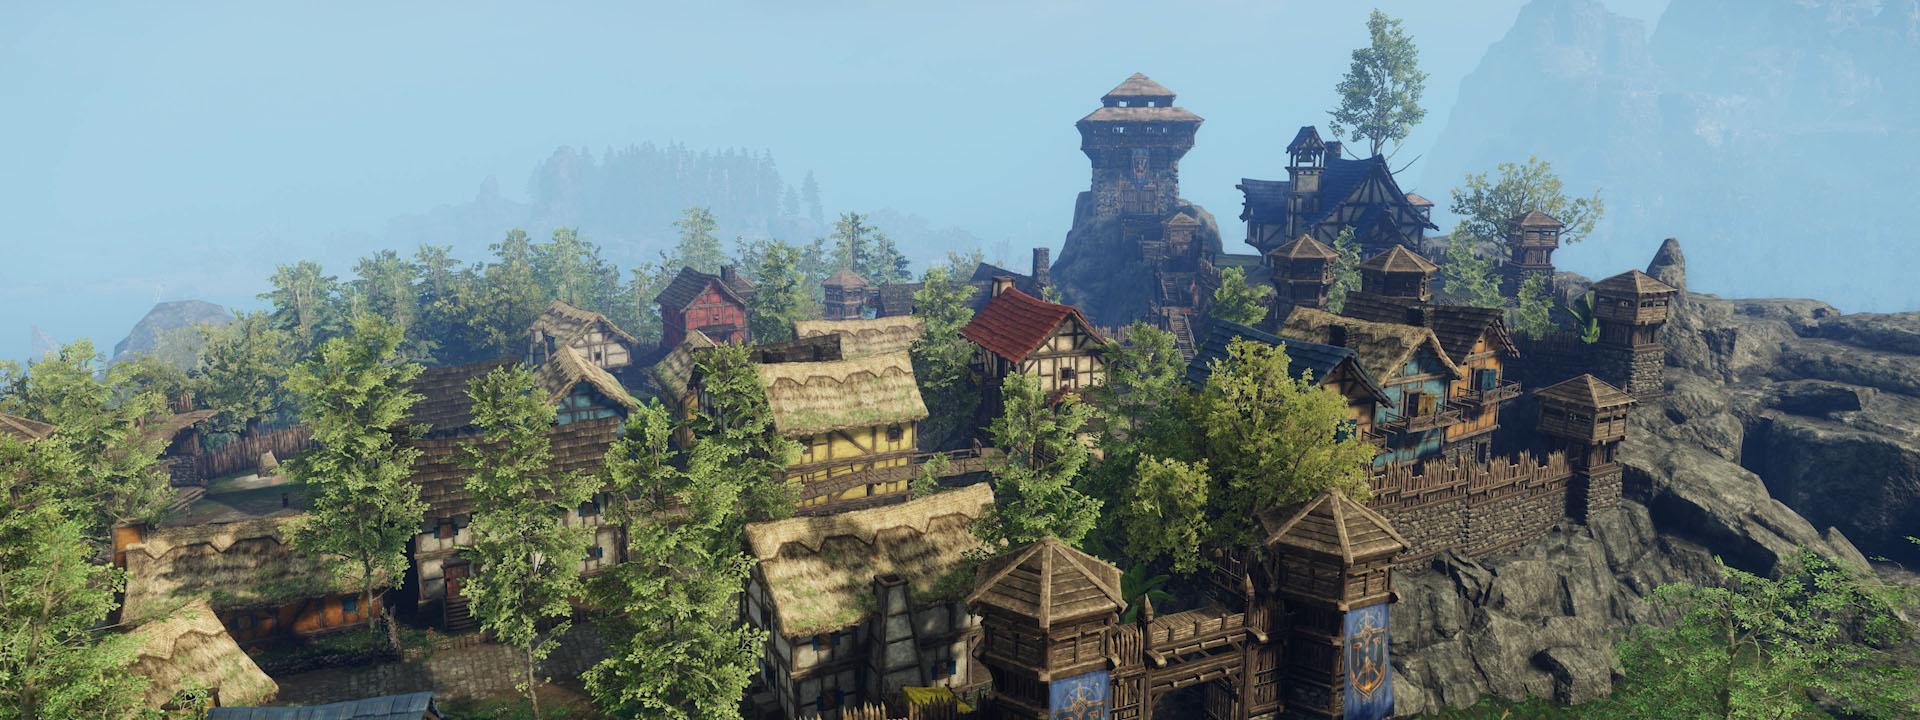 Ein Screenshot der neuen Skyline von Monarch Bluff. Ein Gebäude steht größer als die anderen, und hohe grüne Bäume sind mit den Gebäuden vermischt.